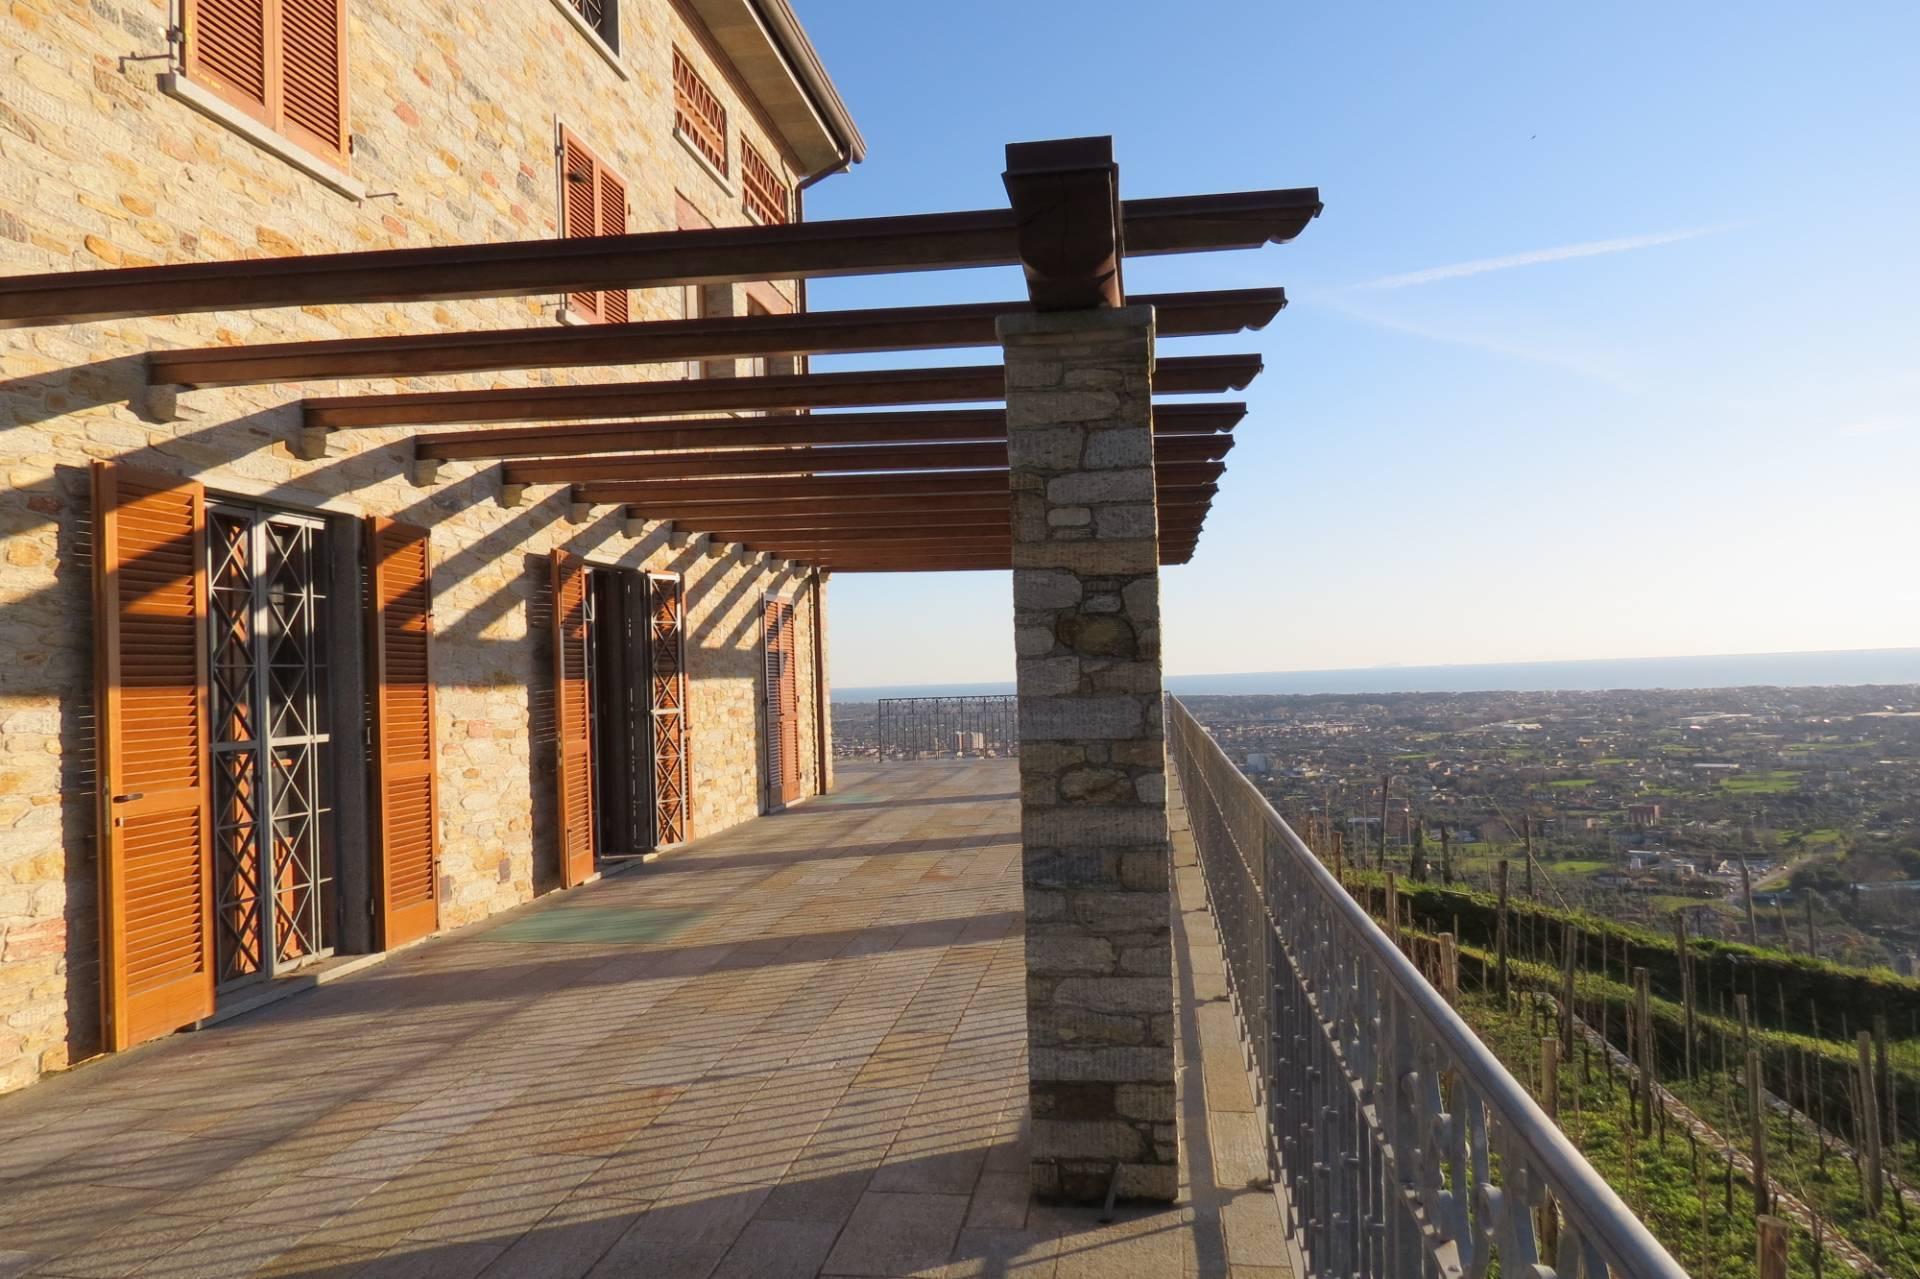 1233-Villa unifamiliare con ampio giardino e vista mare-Pietrasanta-1 Agenzia Immobiliare ASIP